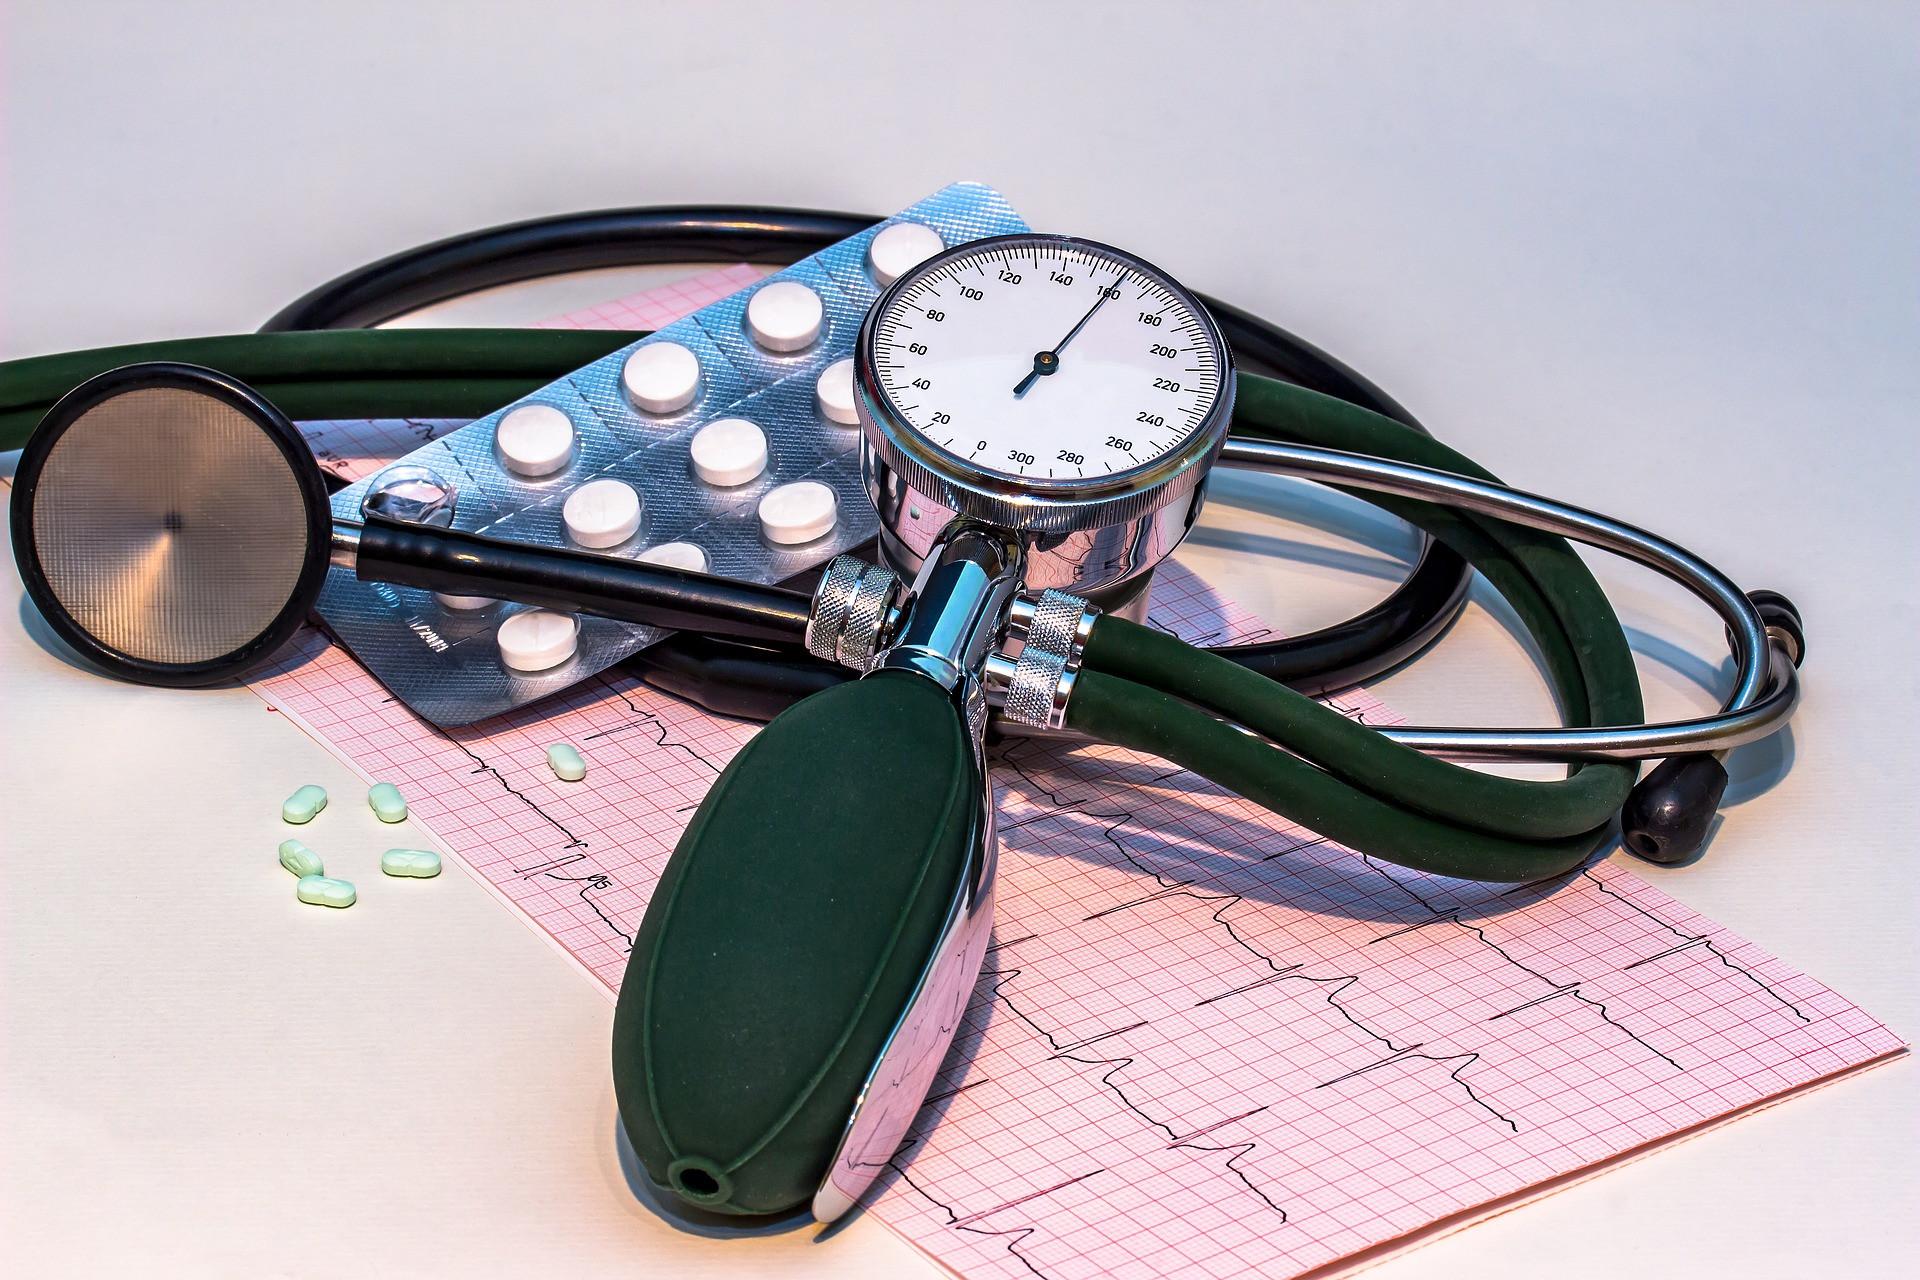 Luar Biasa, 3 Kebiasaan Sederhana Ini Bisa Turunkan Tekanan Darah Tinggi dengan Cepat - JPNN.com